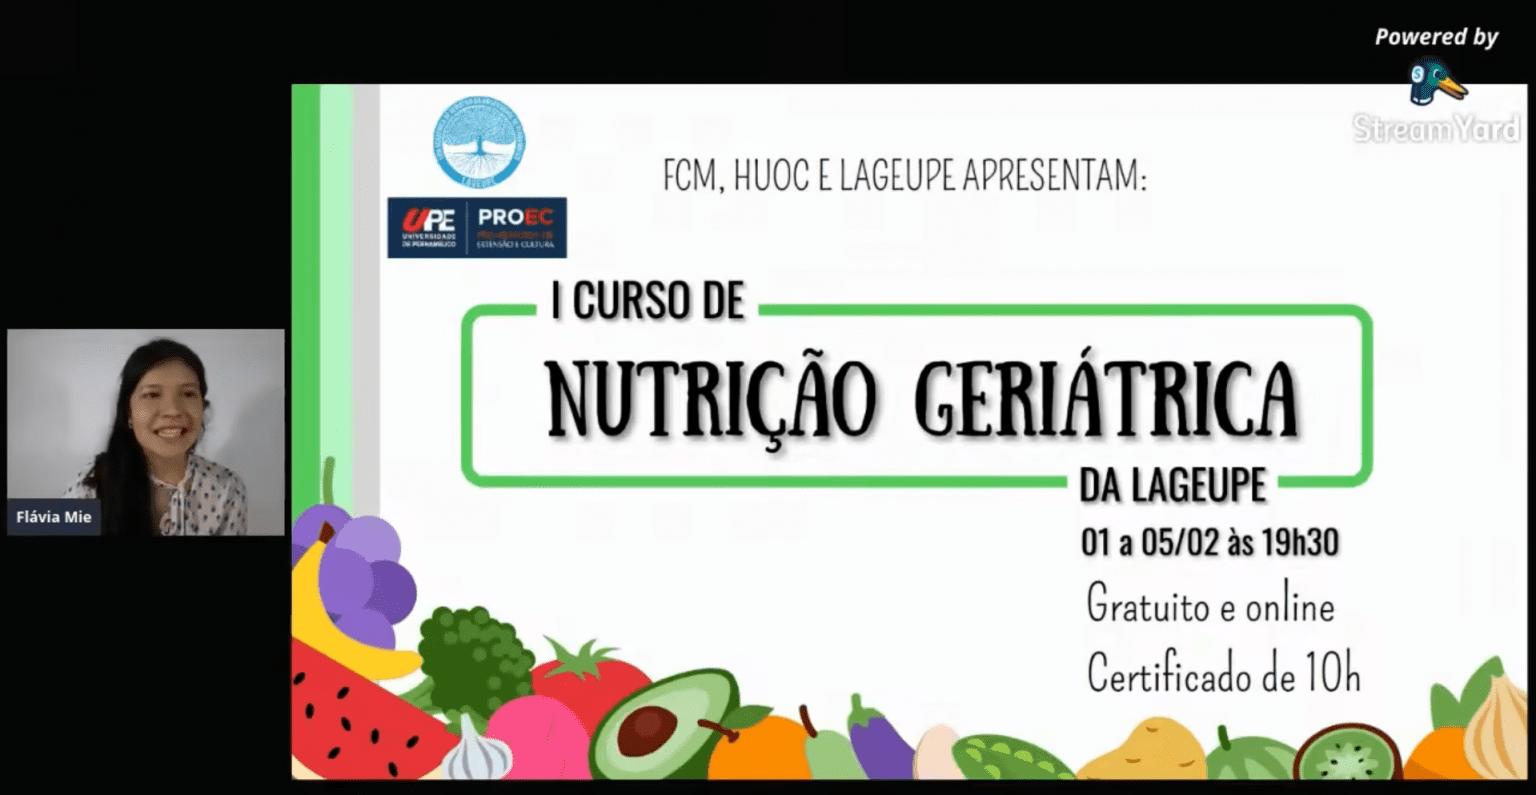 I Curso De Nutrição Geriátrica Da Lageupe - 2° Dia